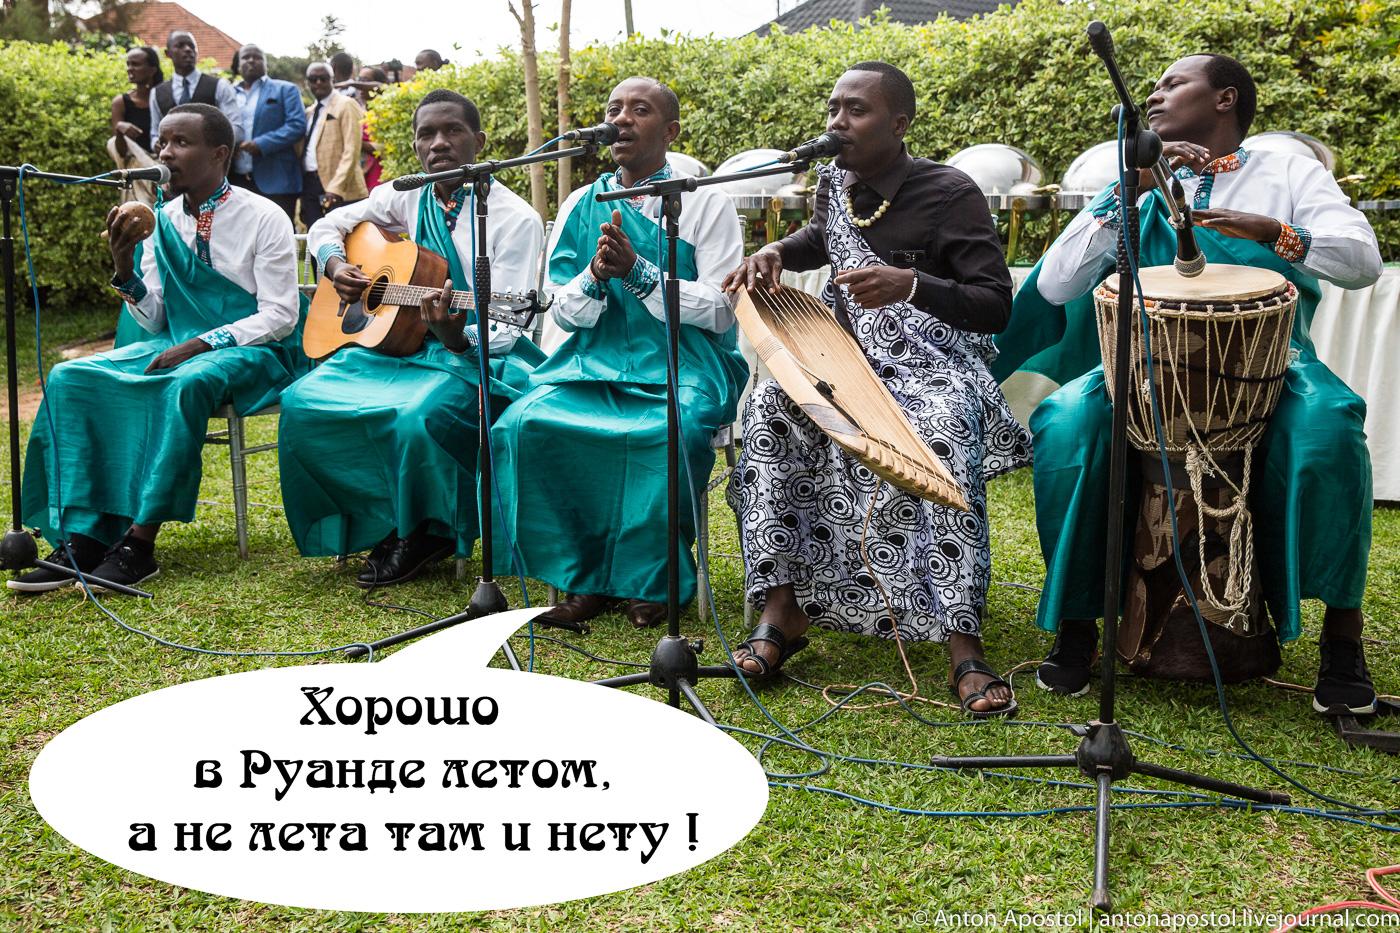 Хорошо в Руанде летом.